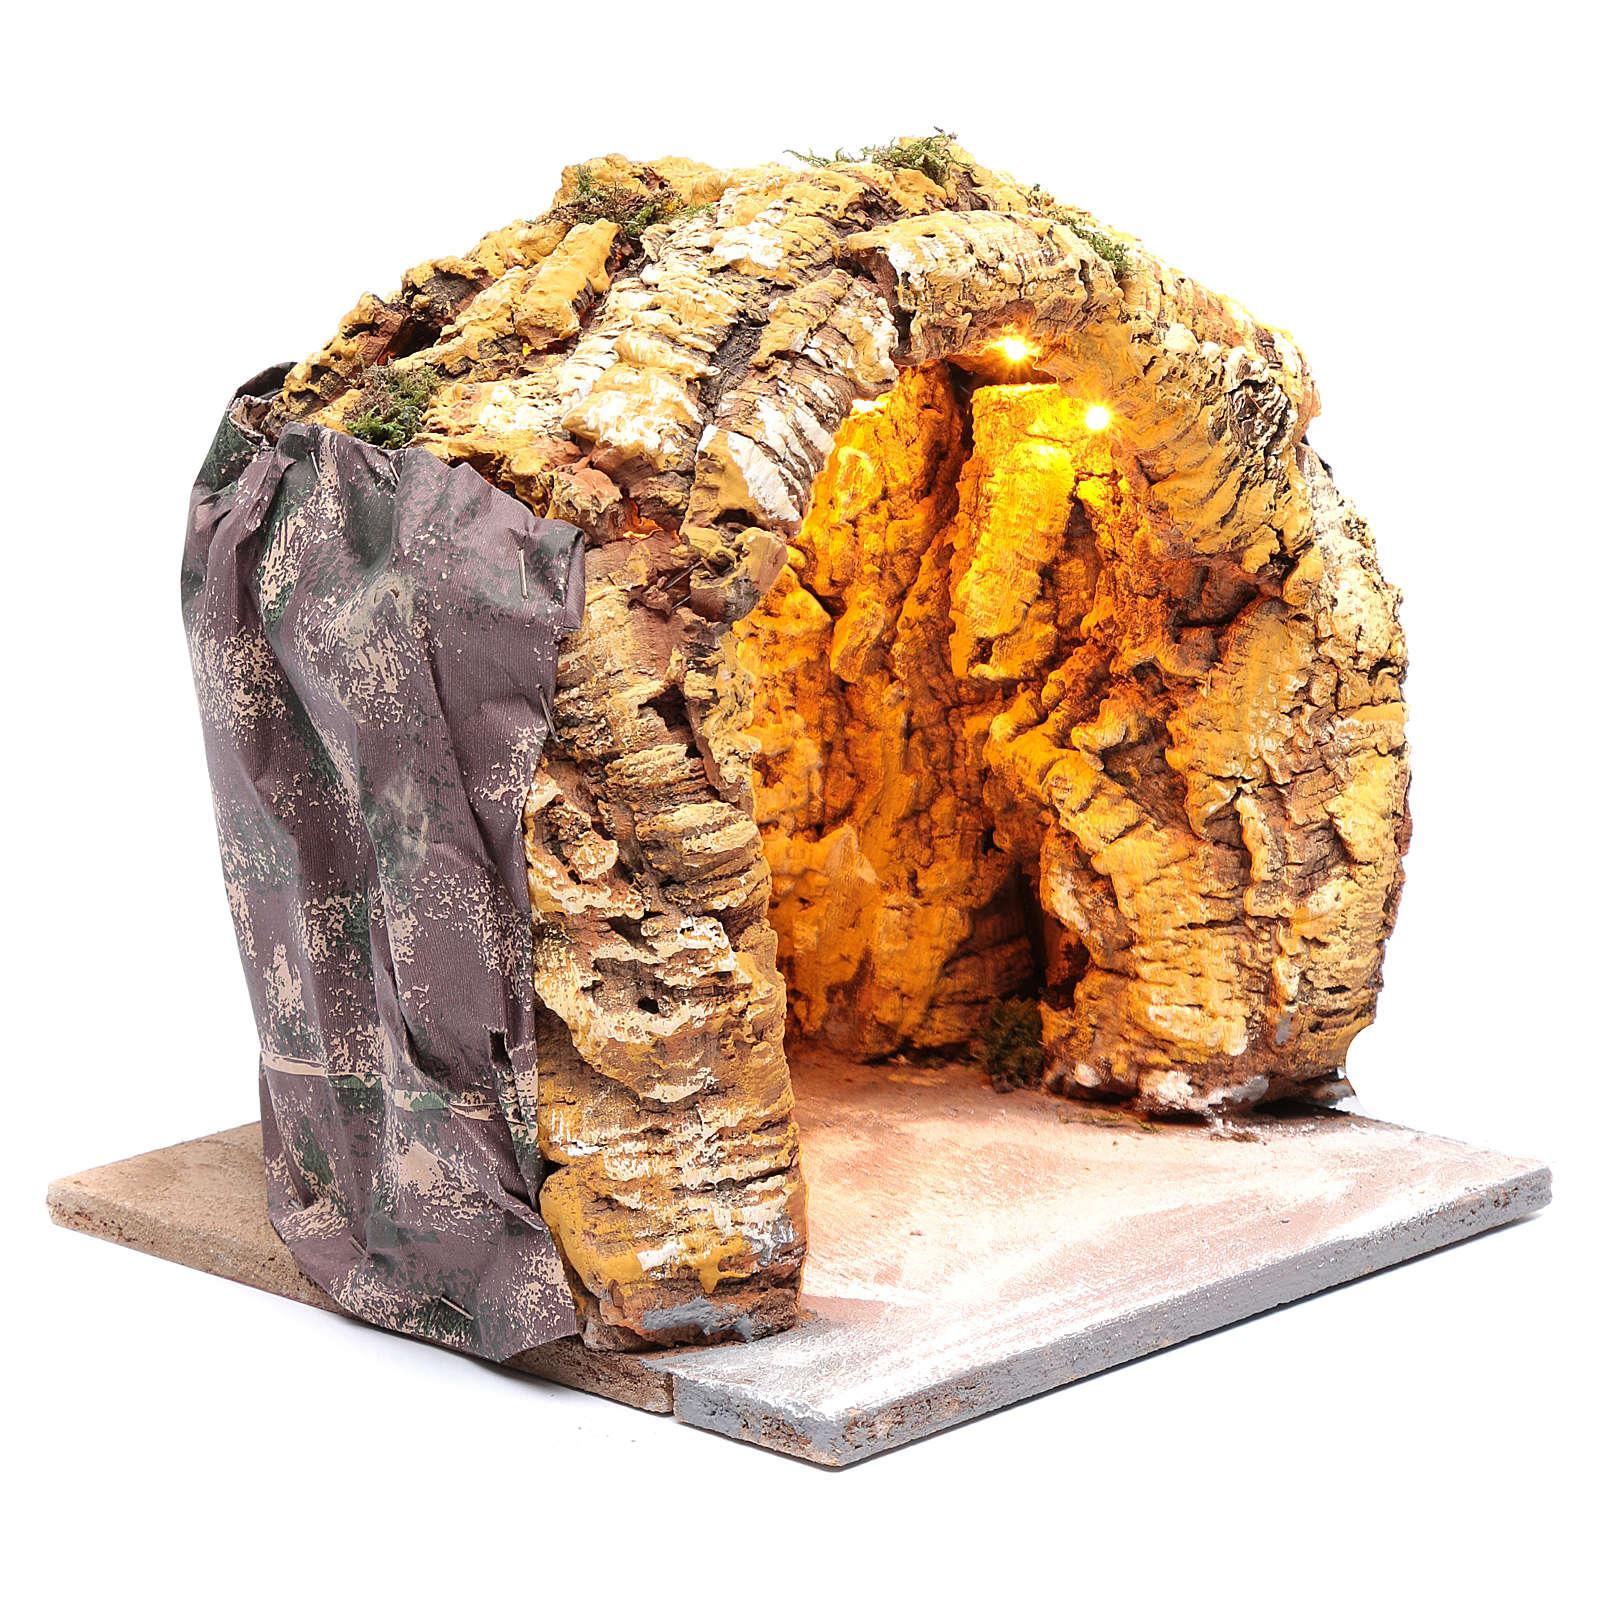 Cueva belén napolitano 25x25x25 cm iluminada 4